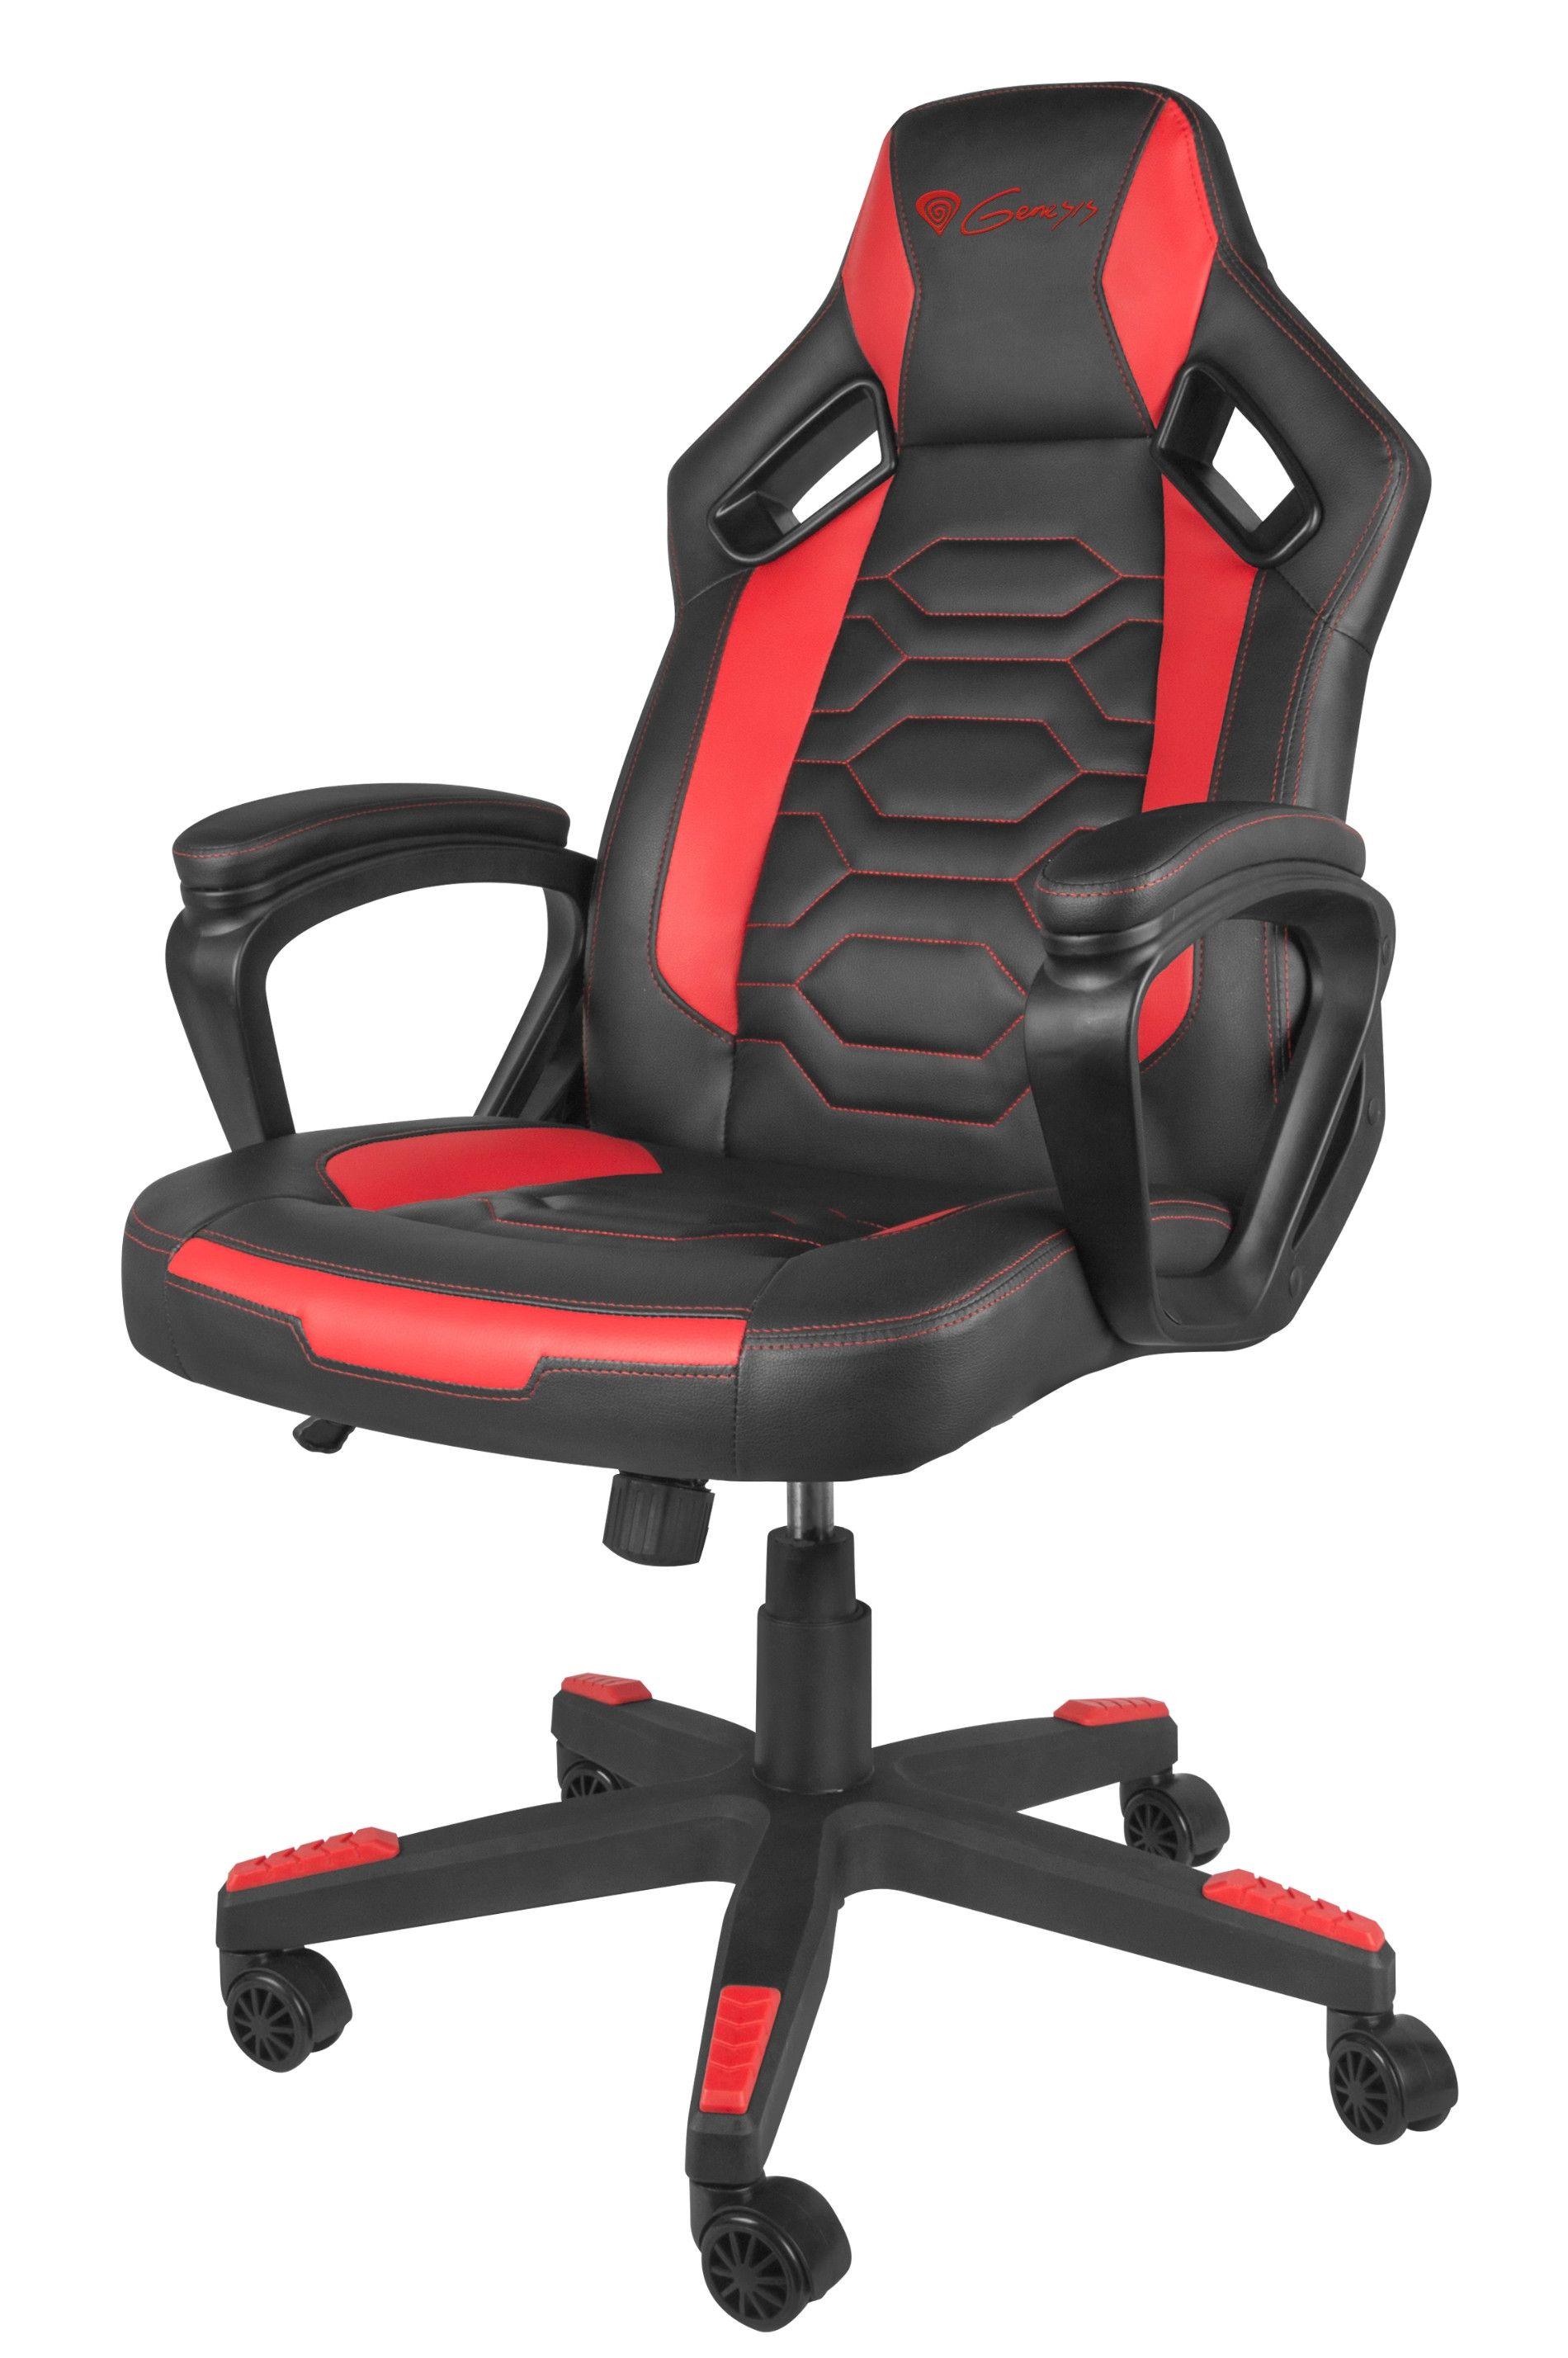 Гейминг стол Genesis - Nitro 370, червен/черен - 1